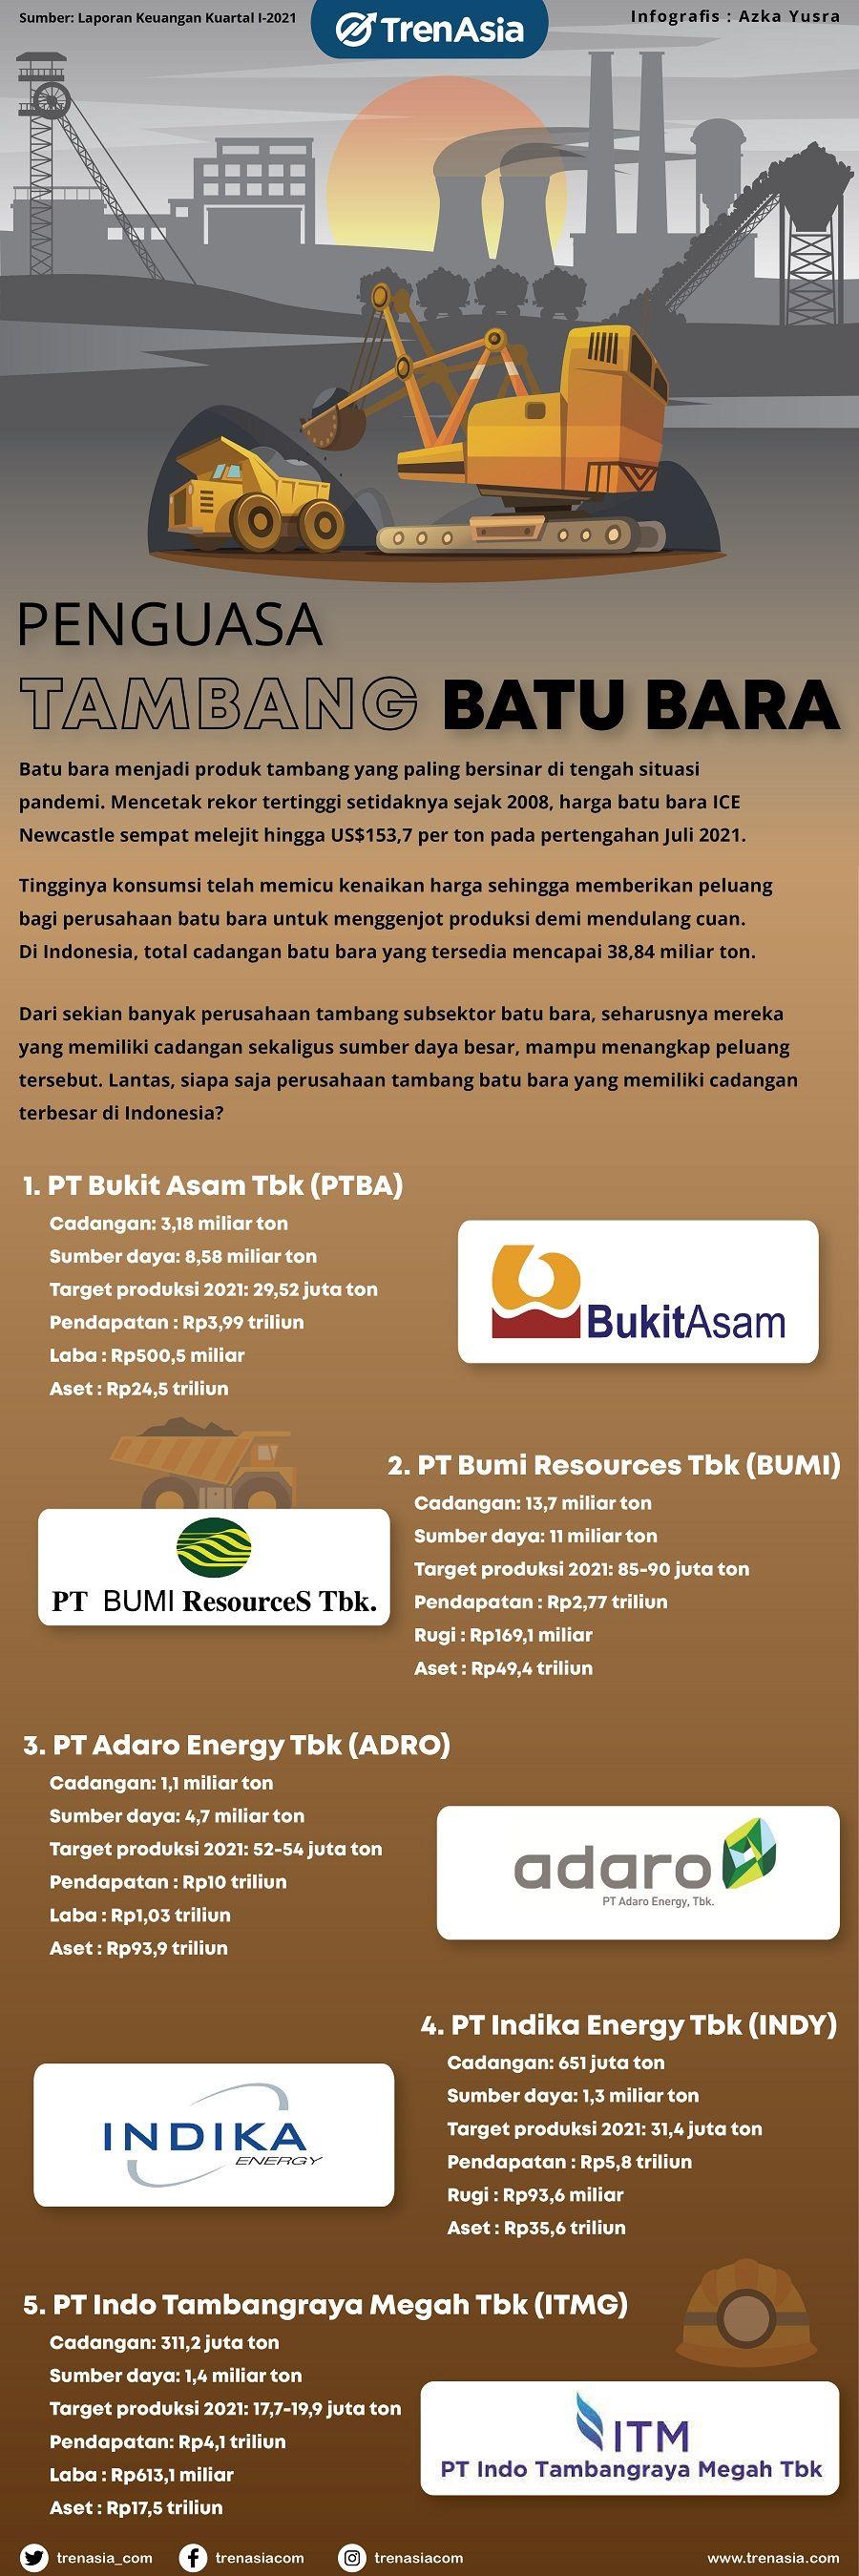 Infografis Batu Bara 3-01.jpg